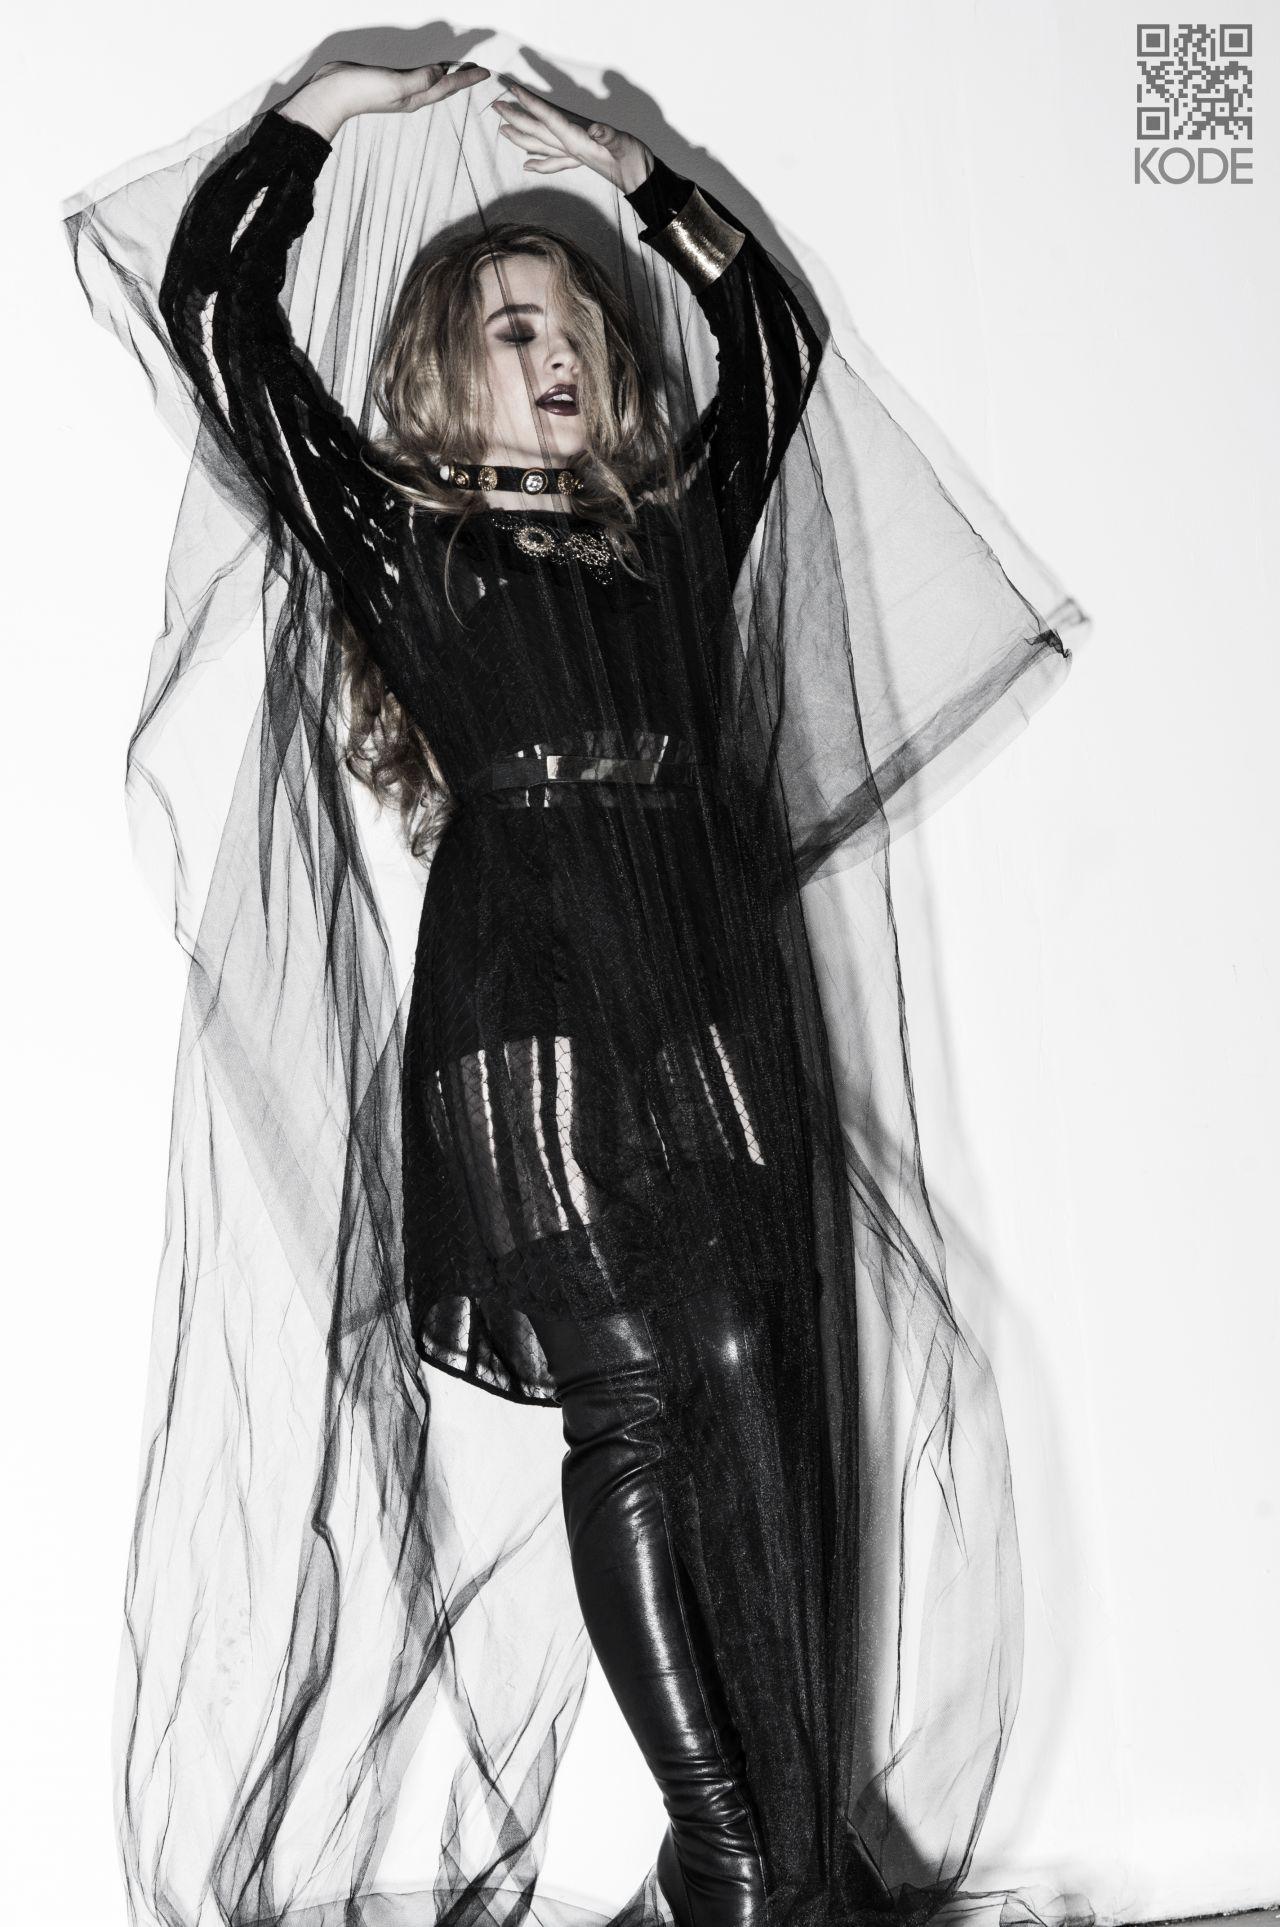 Sabrina Carpenter KODE Magazine Issue 9 December 2015 Issue